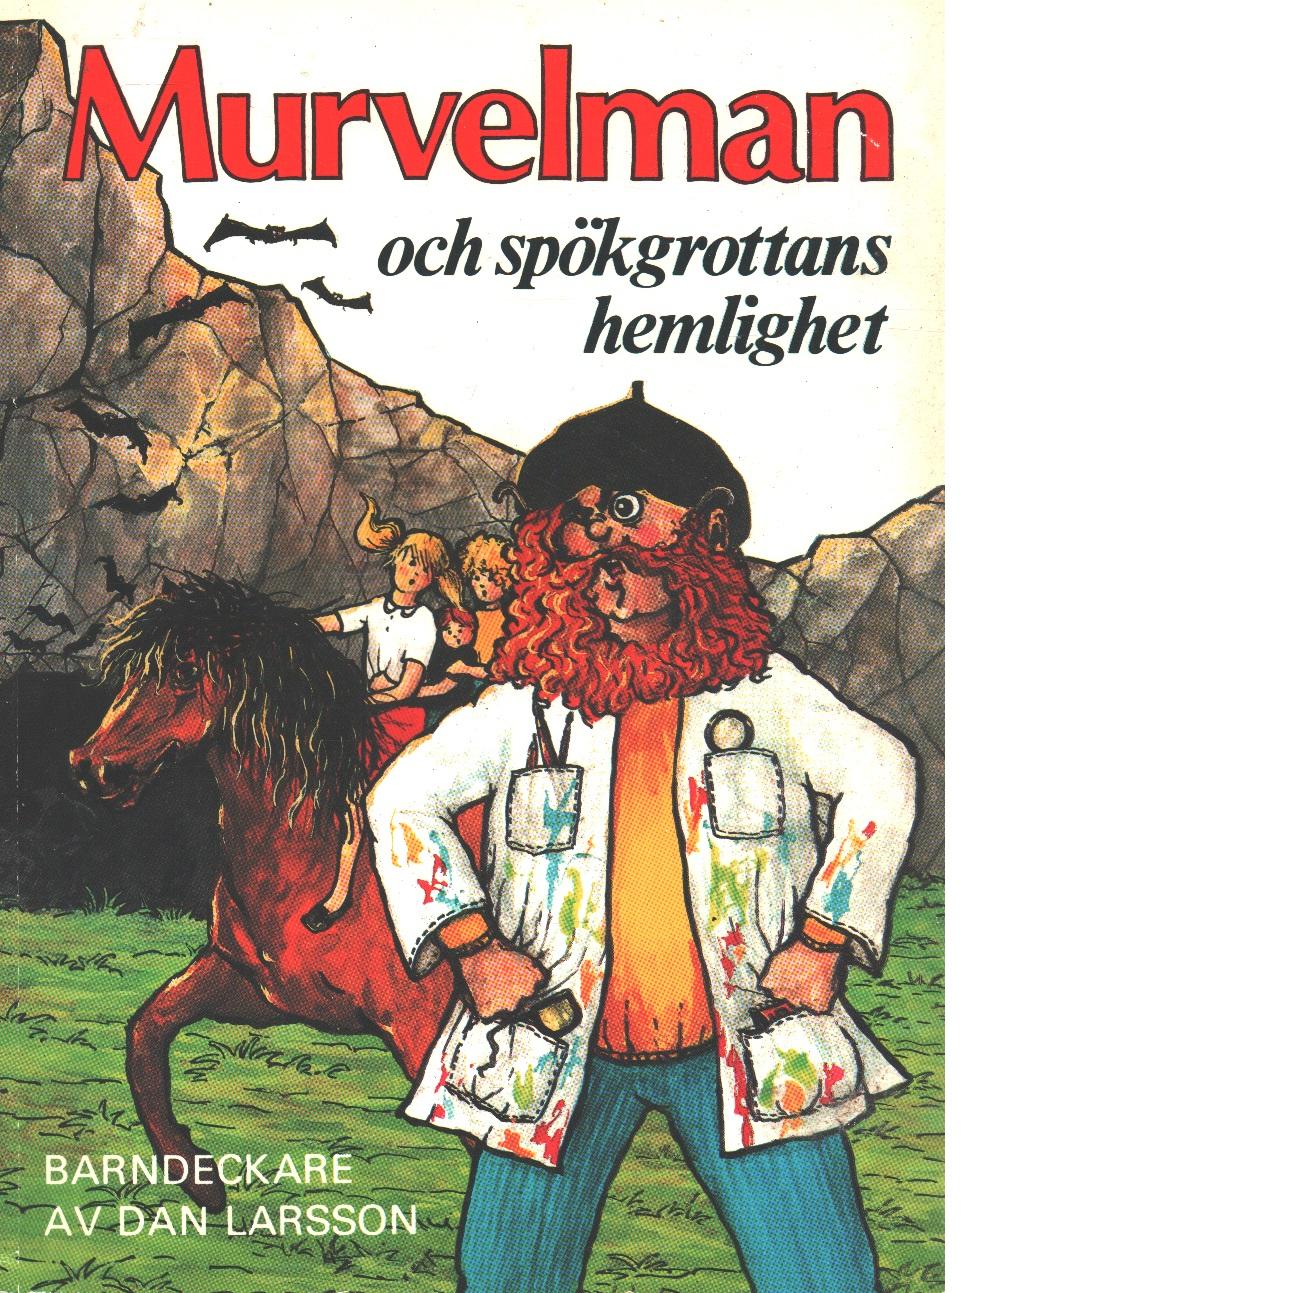 Murvelman och spökgrottans hemlighet : barndeckare - Larsson, Dan